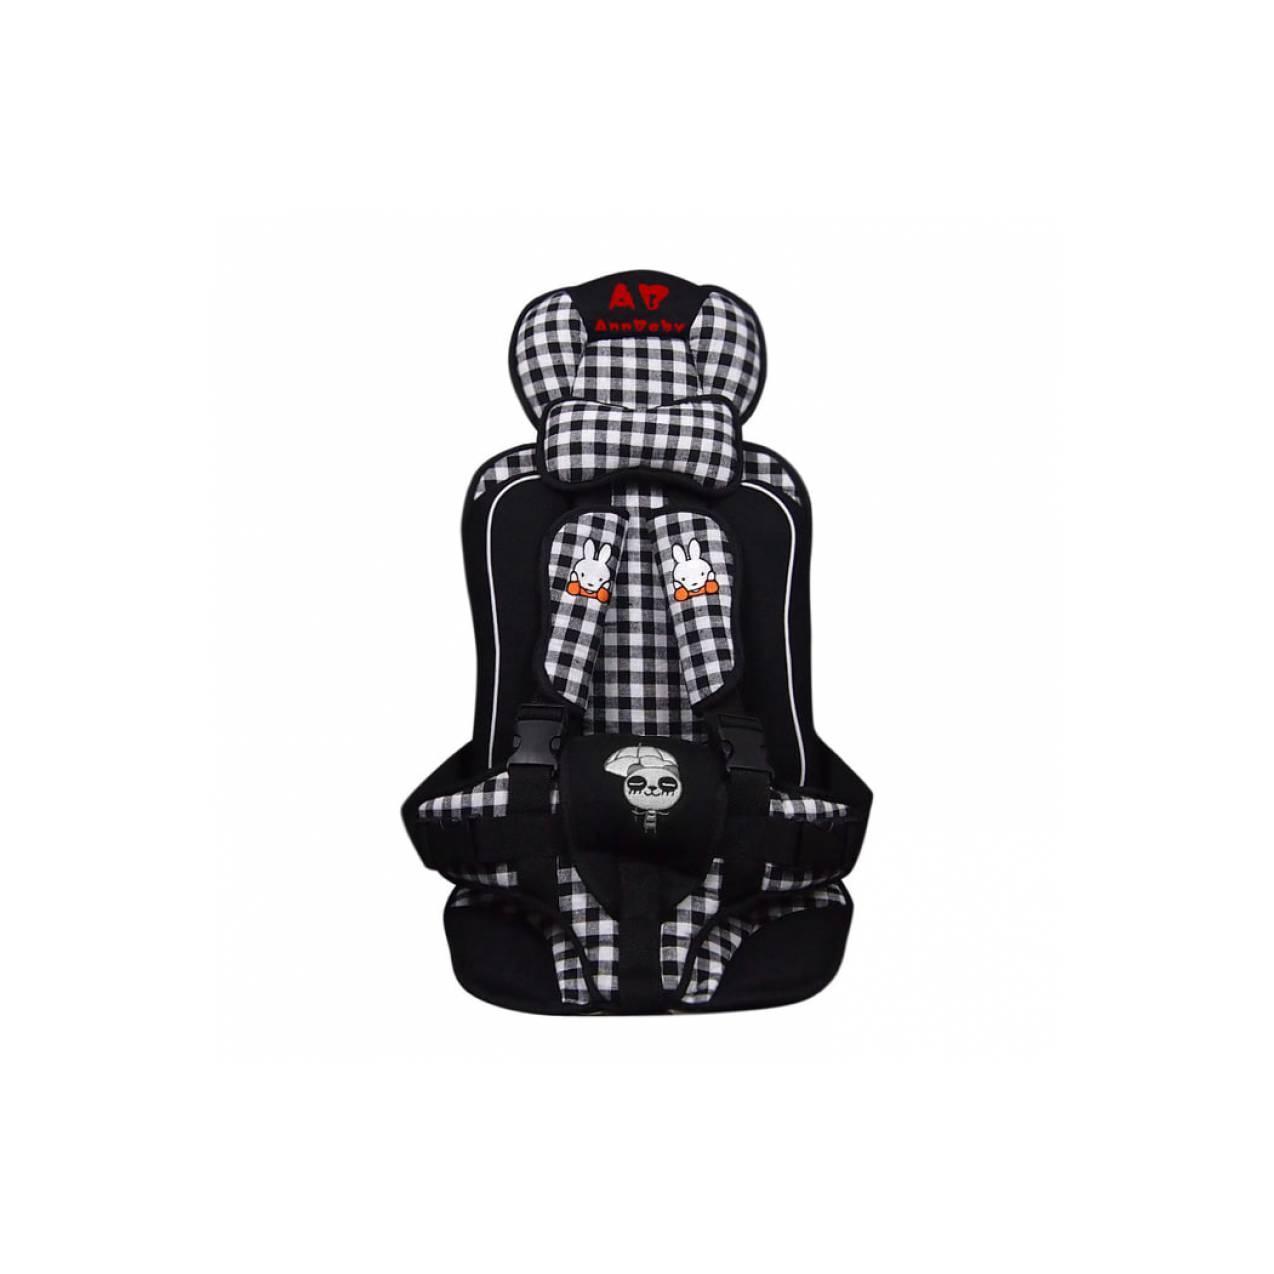 Kursi bayi / kursi khusus bayi di mobil / baby car seat